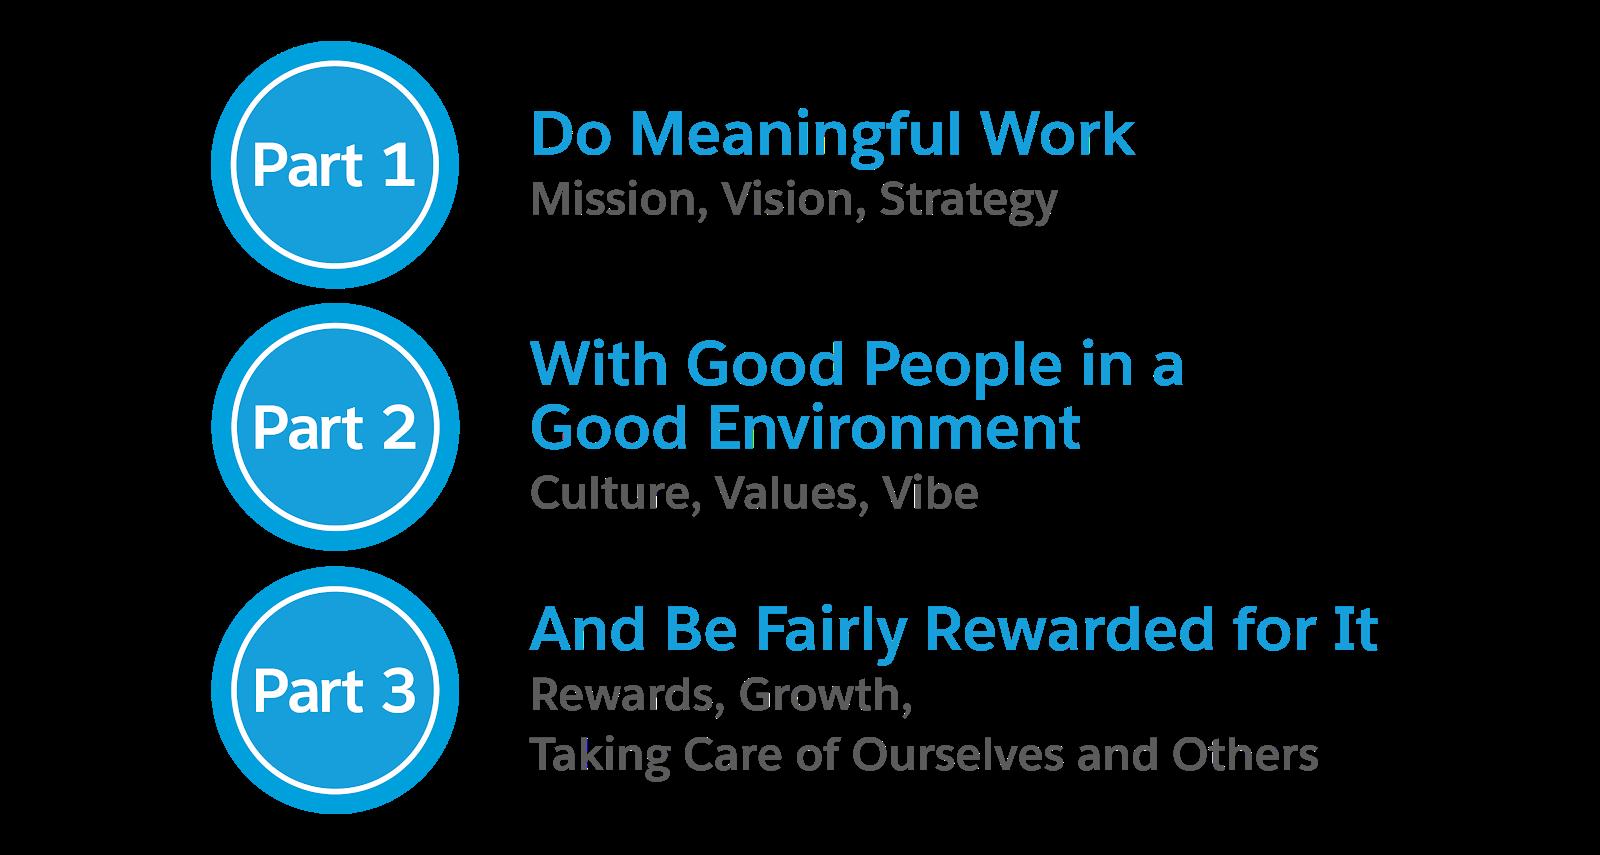 Partie 1 : Faire un travail intéressant (mission, vision, stratégie); Partie2: Travailler avec de bonnes personnes dans un environnement de qualité (culture, valeurs, ambiance); Partie3: Être équitablement récompensé pour cela (récompenses, développement, pouvoir prendre soin de soi et des autres)